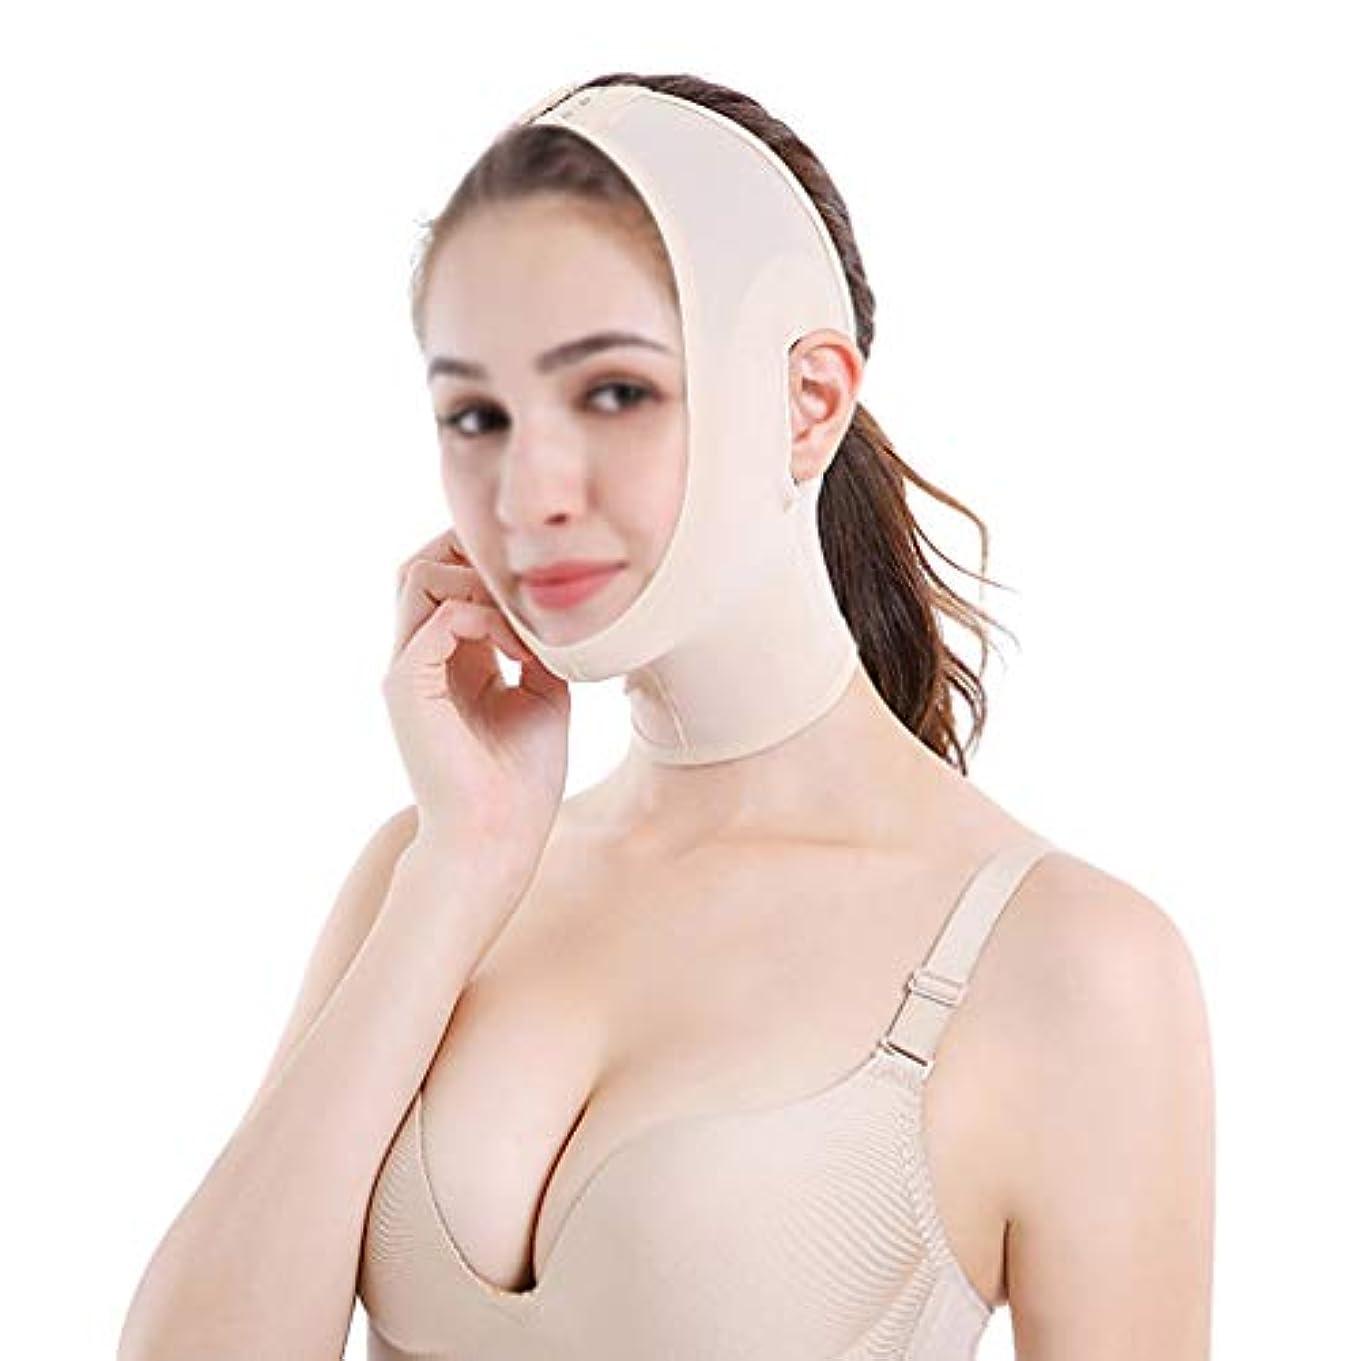 食事を調理する夫バースGLJJQMY ベルト痩身ベルト薄い顔の包帯の小さいV顔の顔の薄い顔のアーティファクトの薄い顔の固定マスク 顔用整形マスク (Size : L)